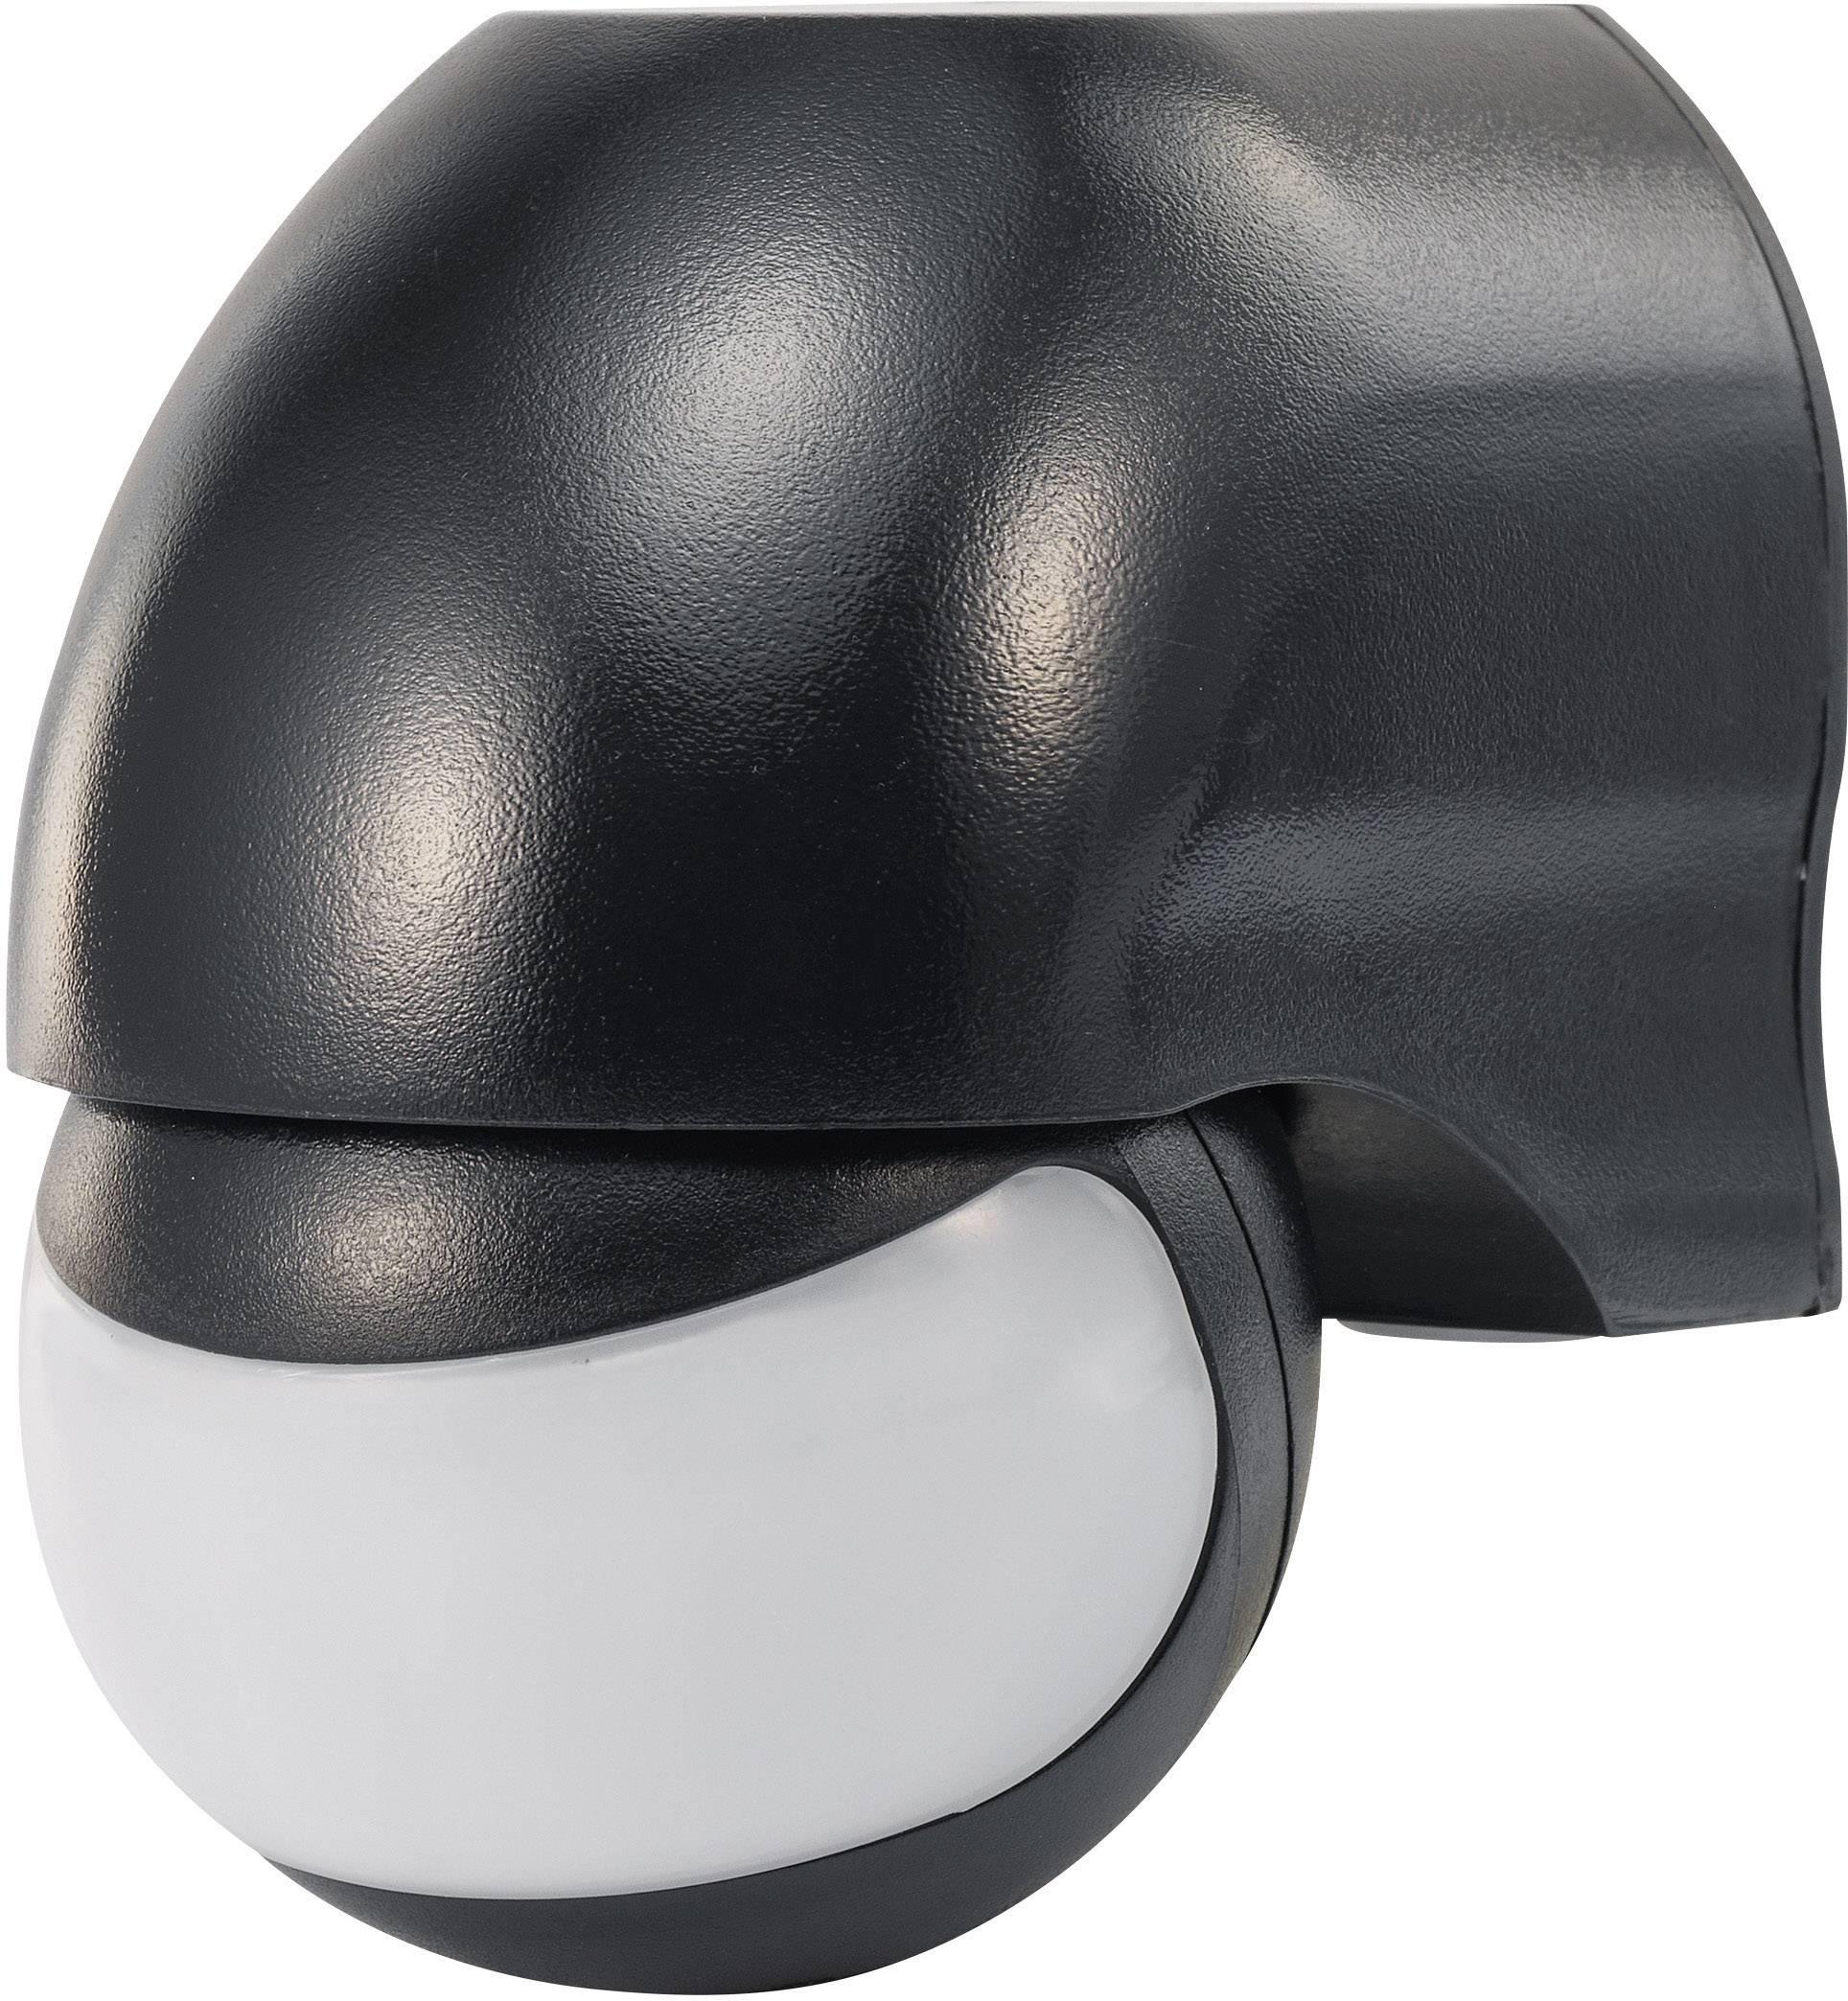 Senzor pohybu PIR Renkforce 1034068, 160 °, relé, čierna, IP44